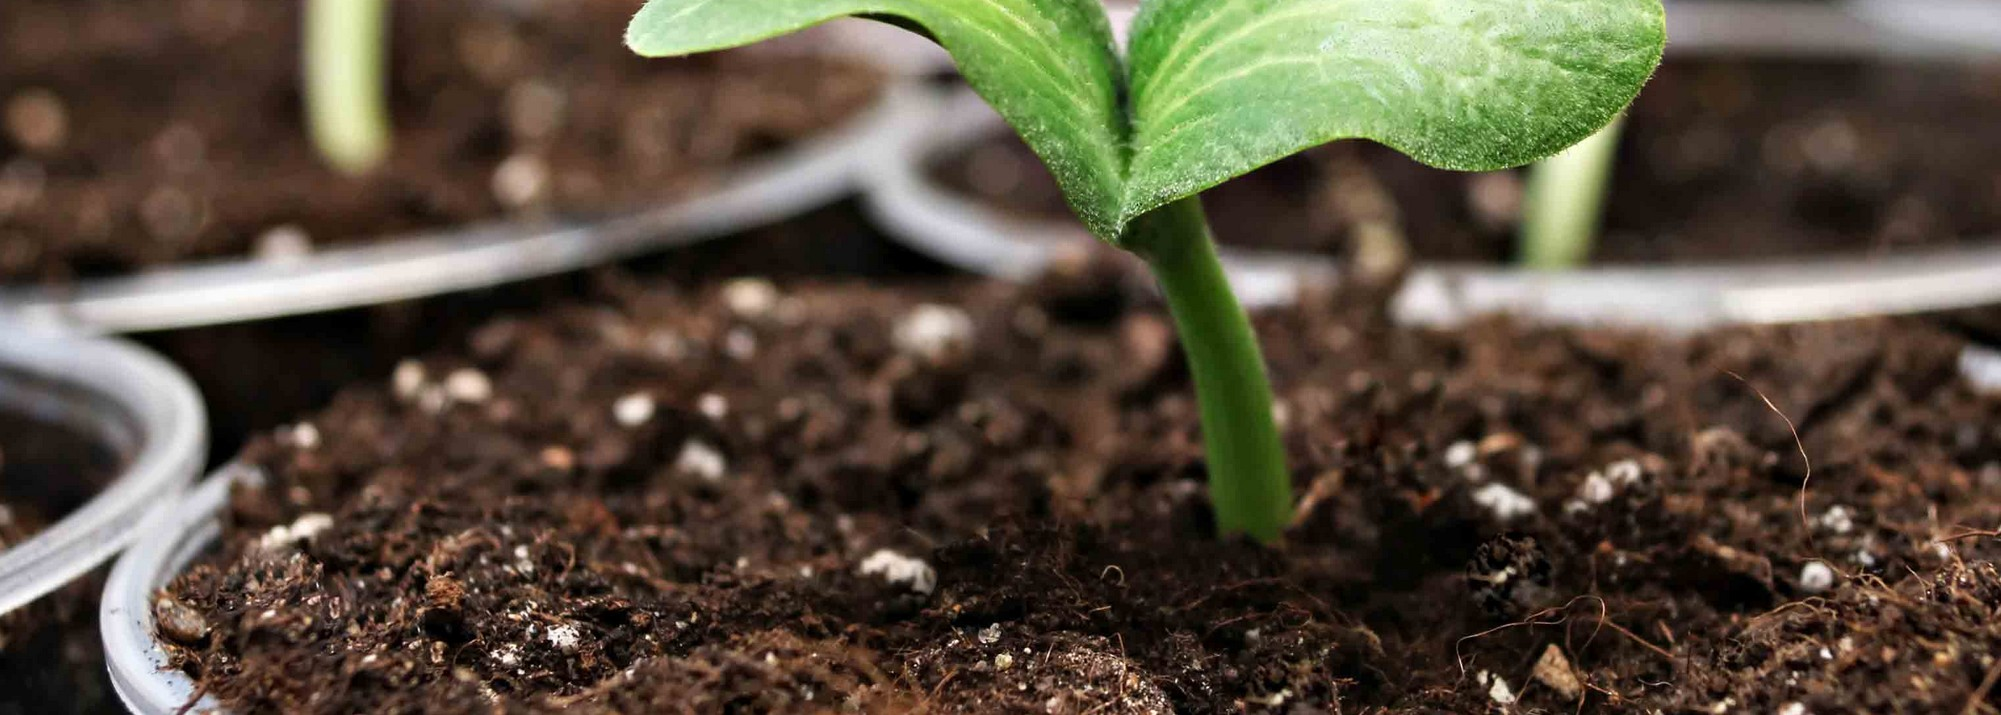 Terreaux plantes d'intérieur